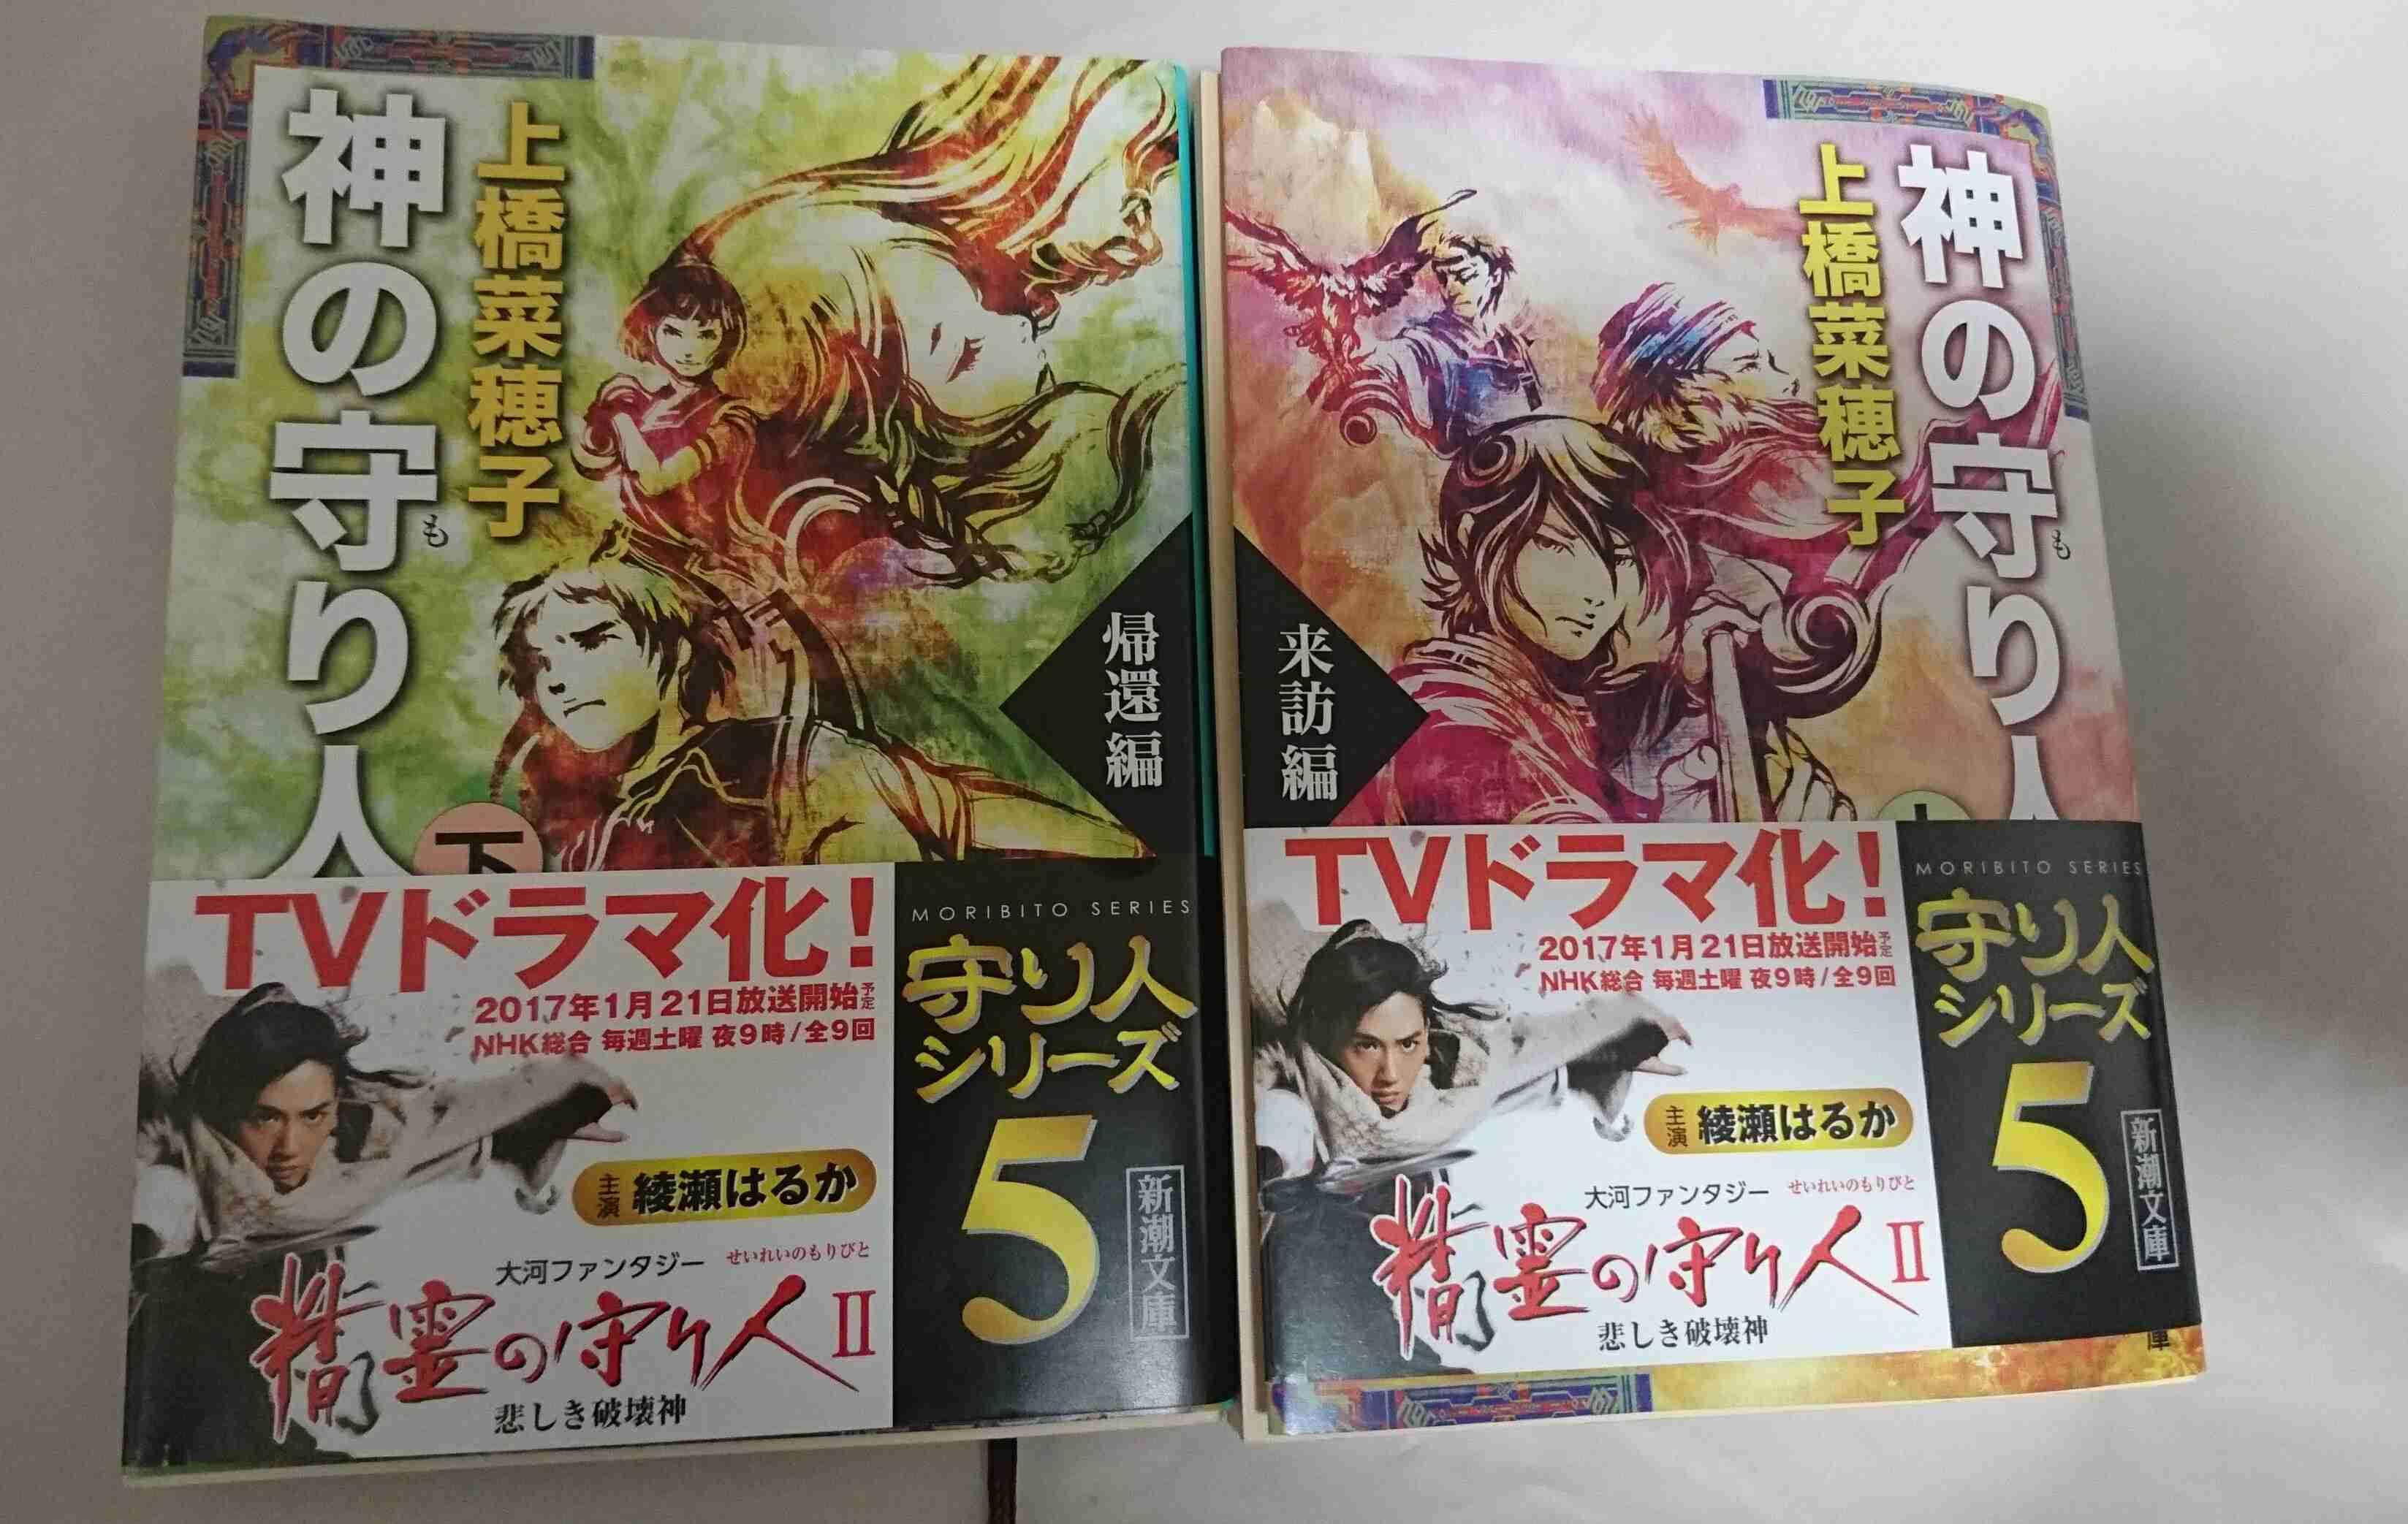 【実況、感想】NHK大河ファンタジー 精霊の守り人Ⅱ悲しき破壊神 5話